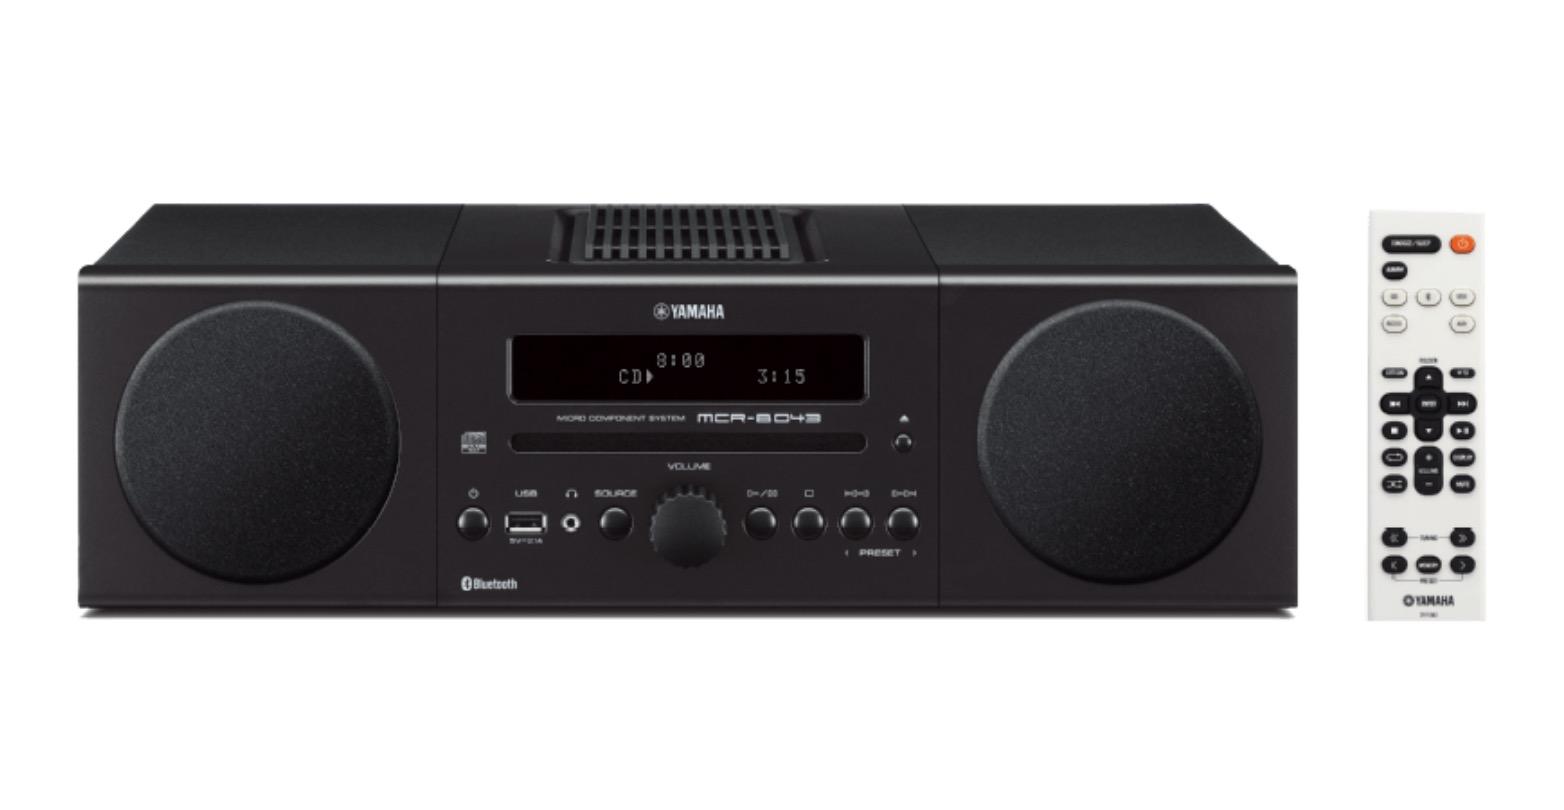 YAMAHA MCR-B043 Kompaktanlage in schwarz, blau, rot oder weiß für je 149,- Euro